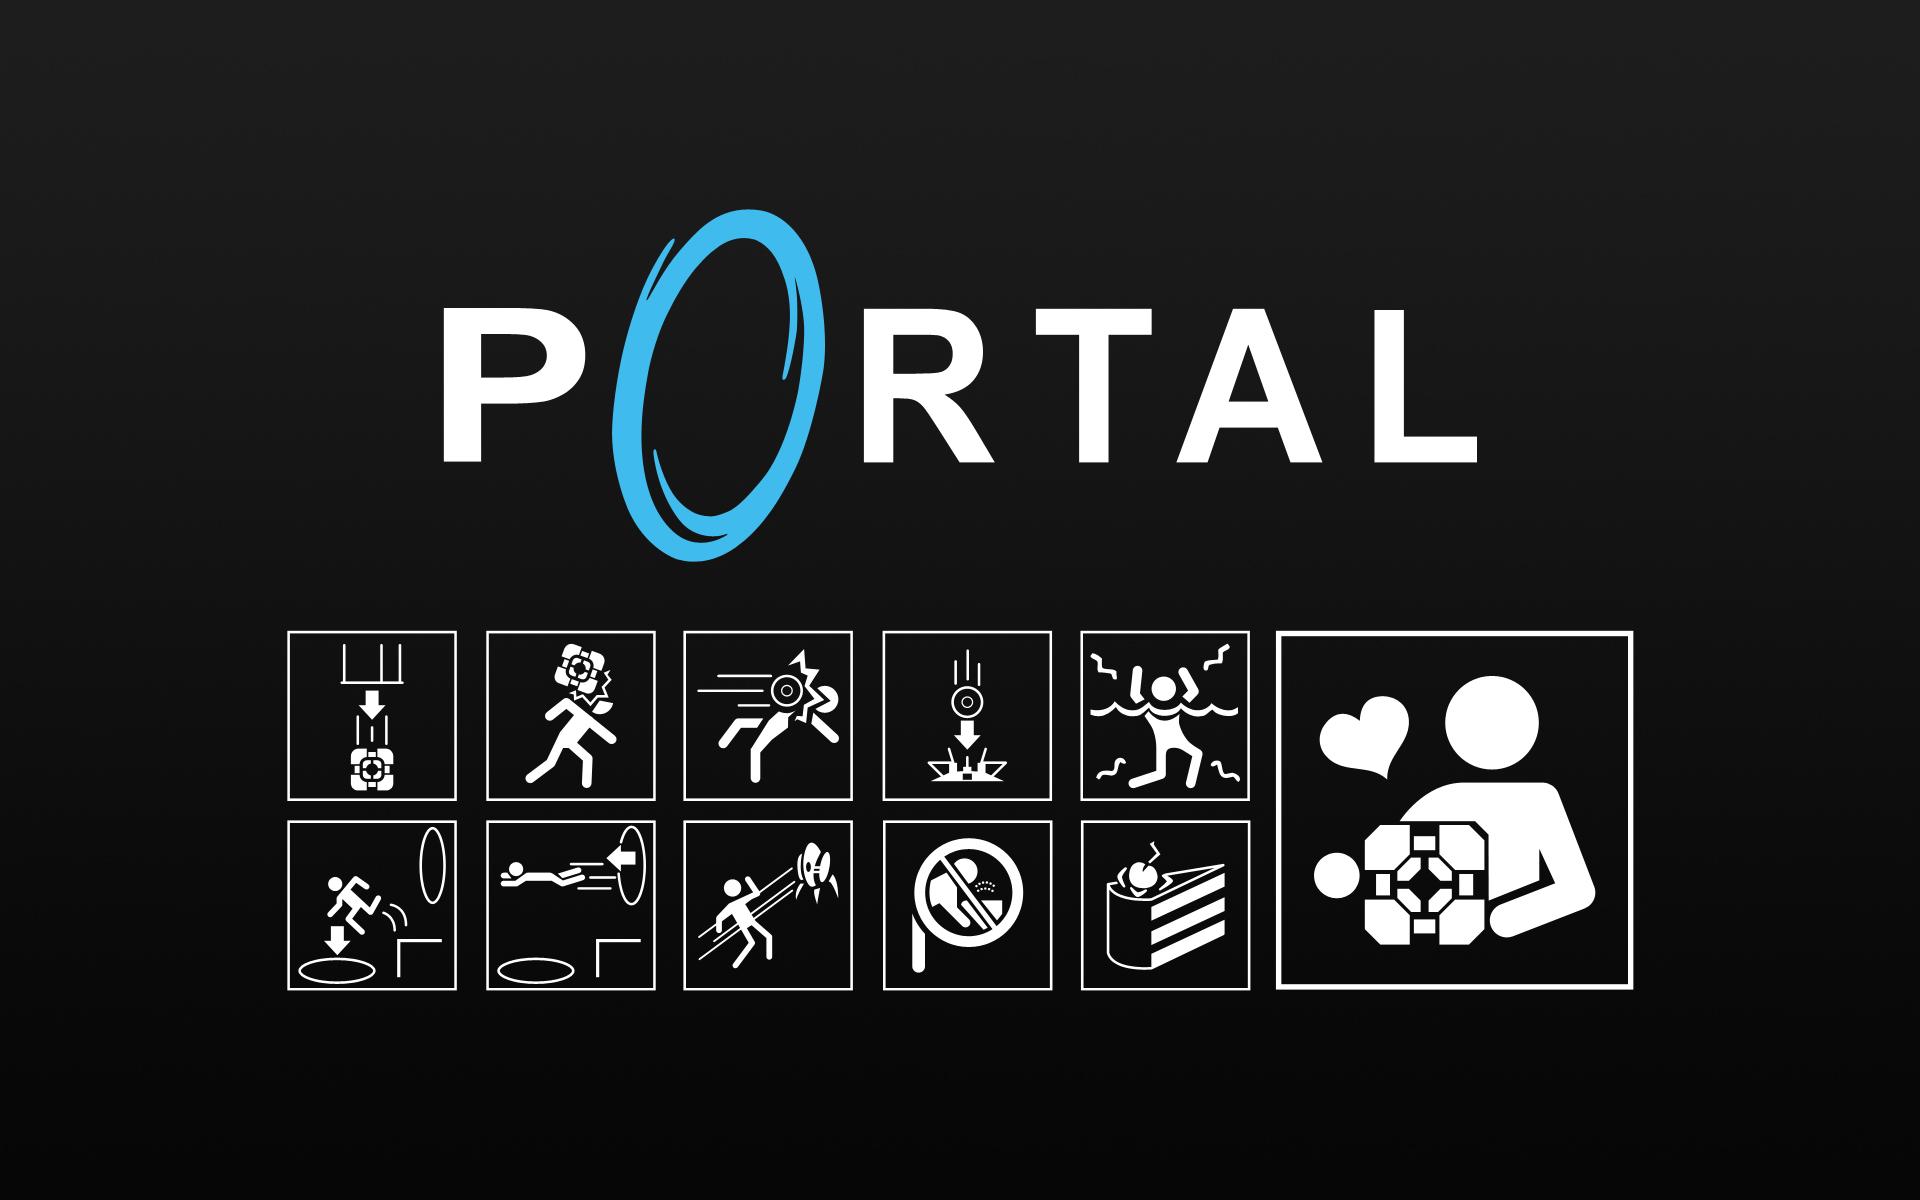 Portal Wallpaper 47